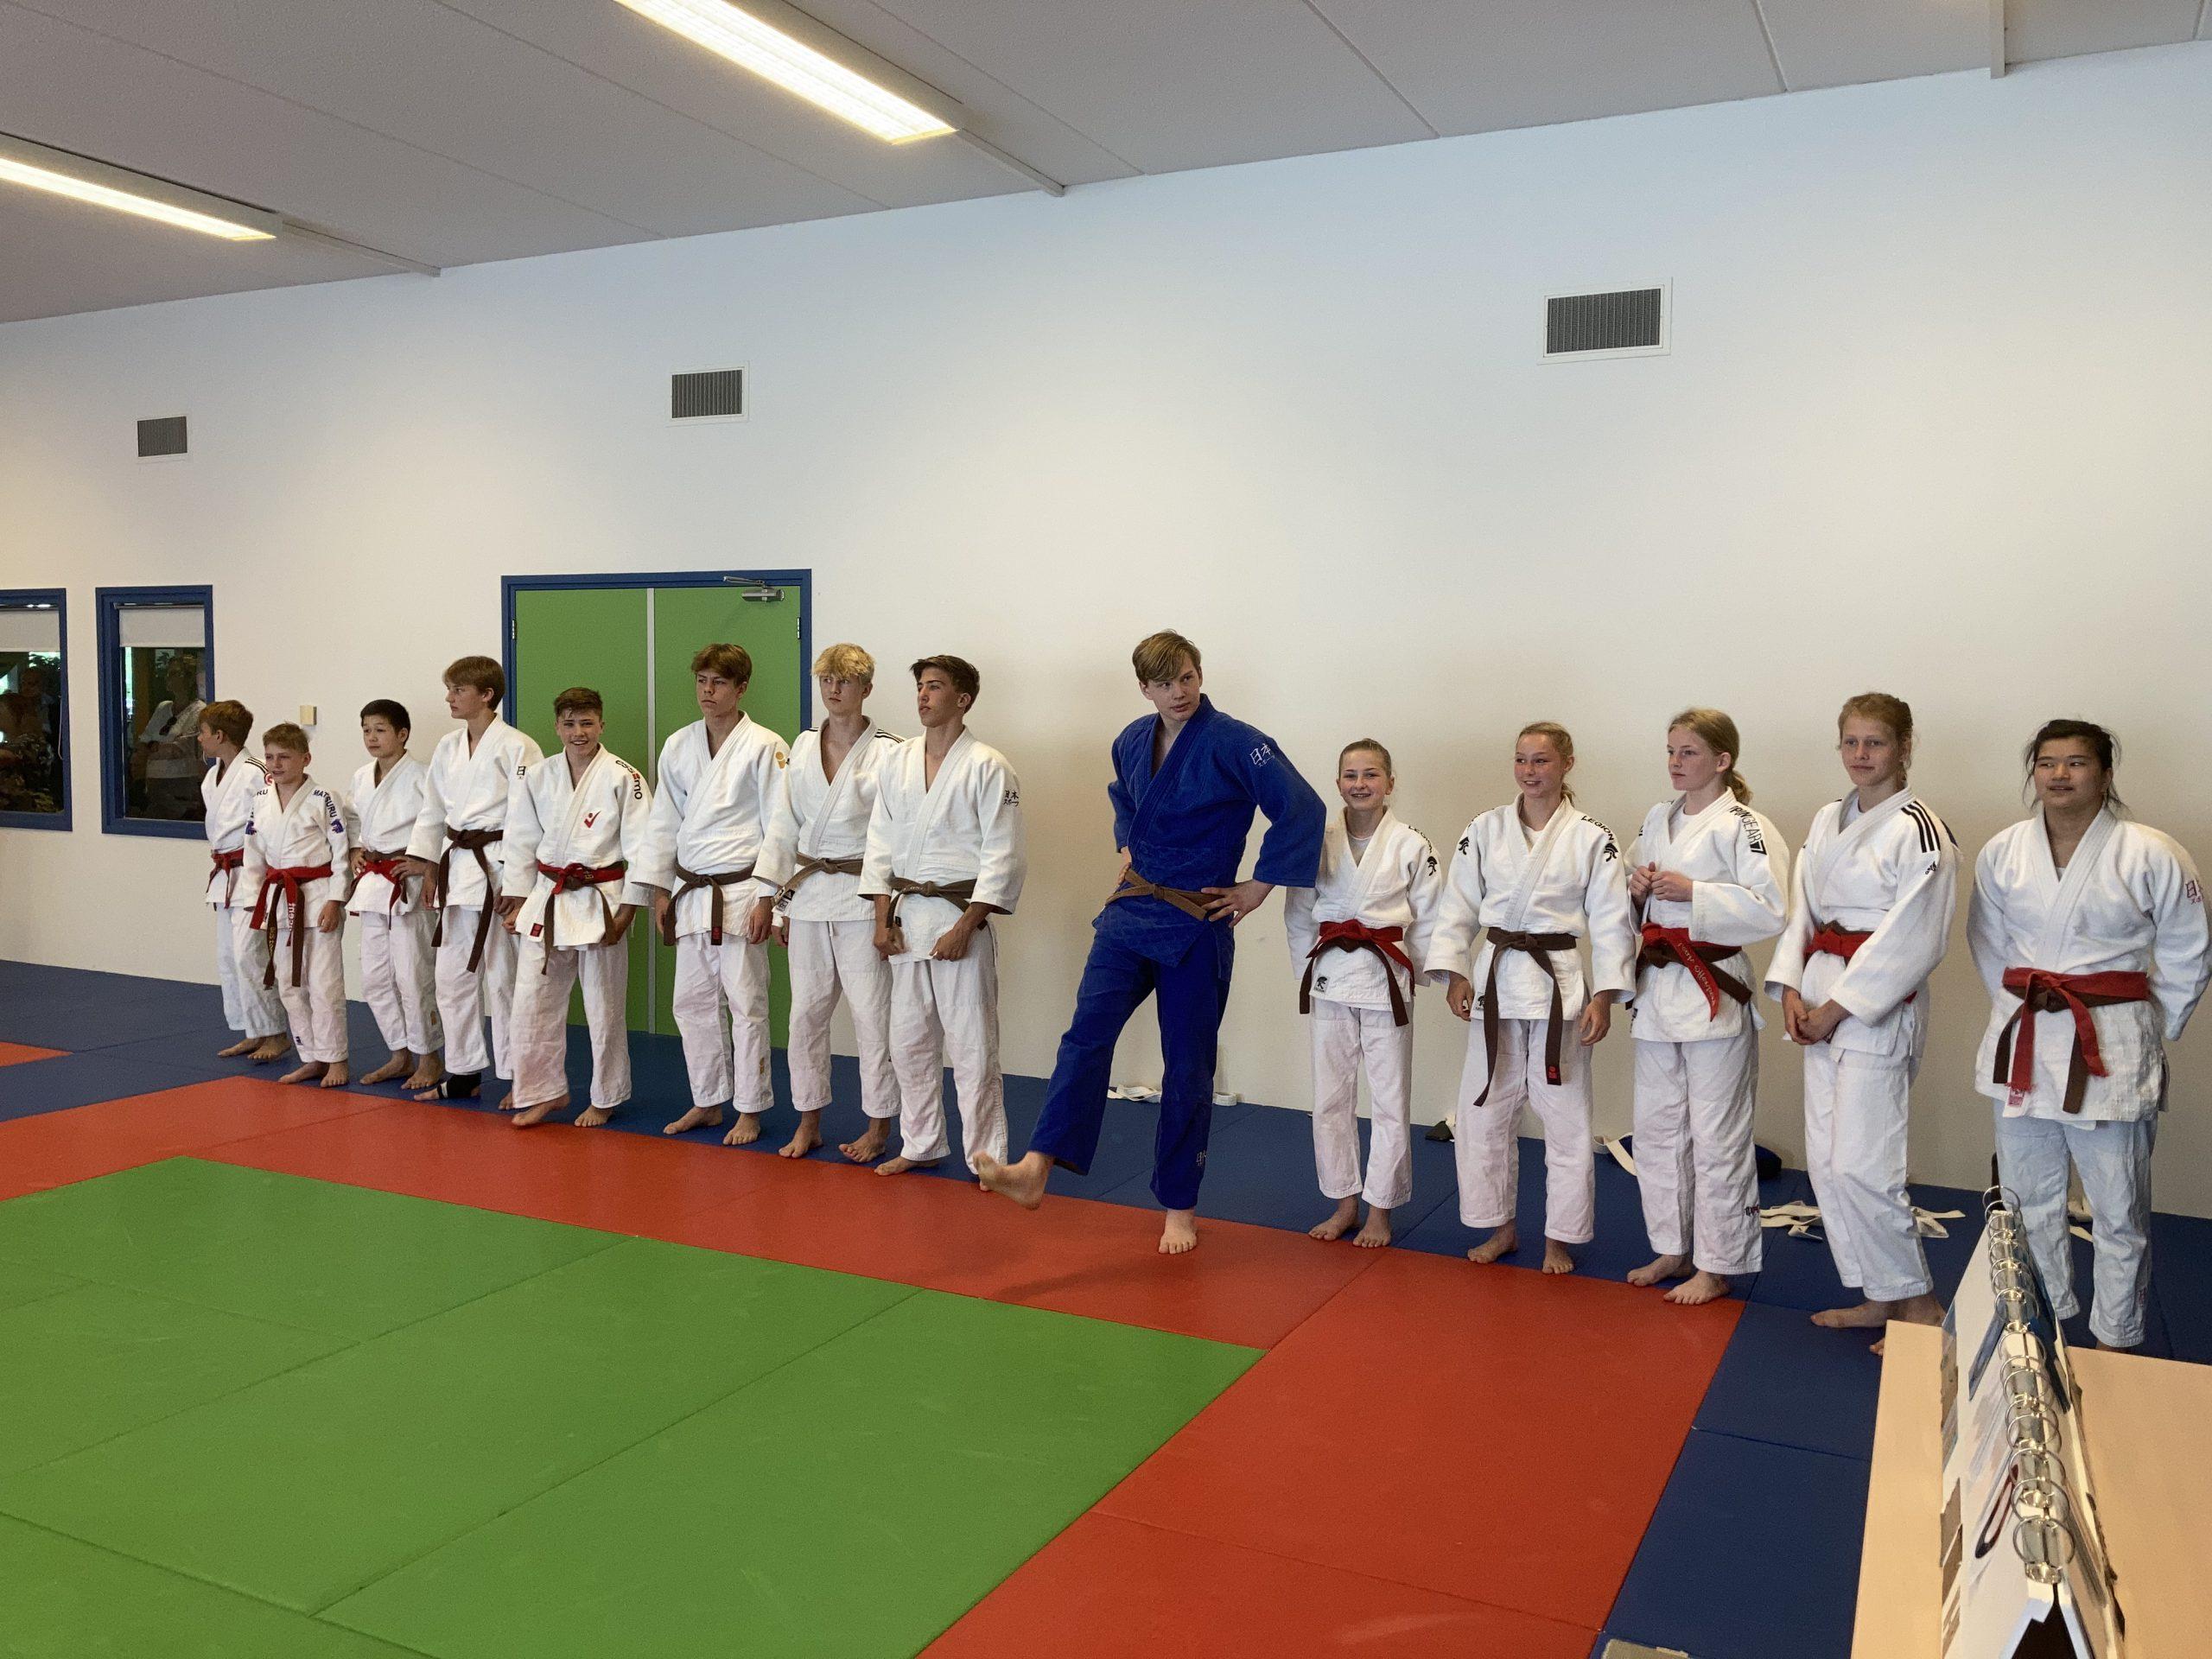 Judoschool Haagsma vol in een kwalificatie weekend!